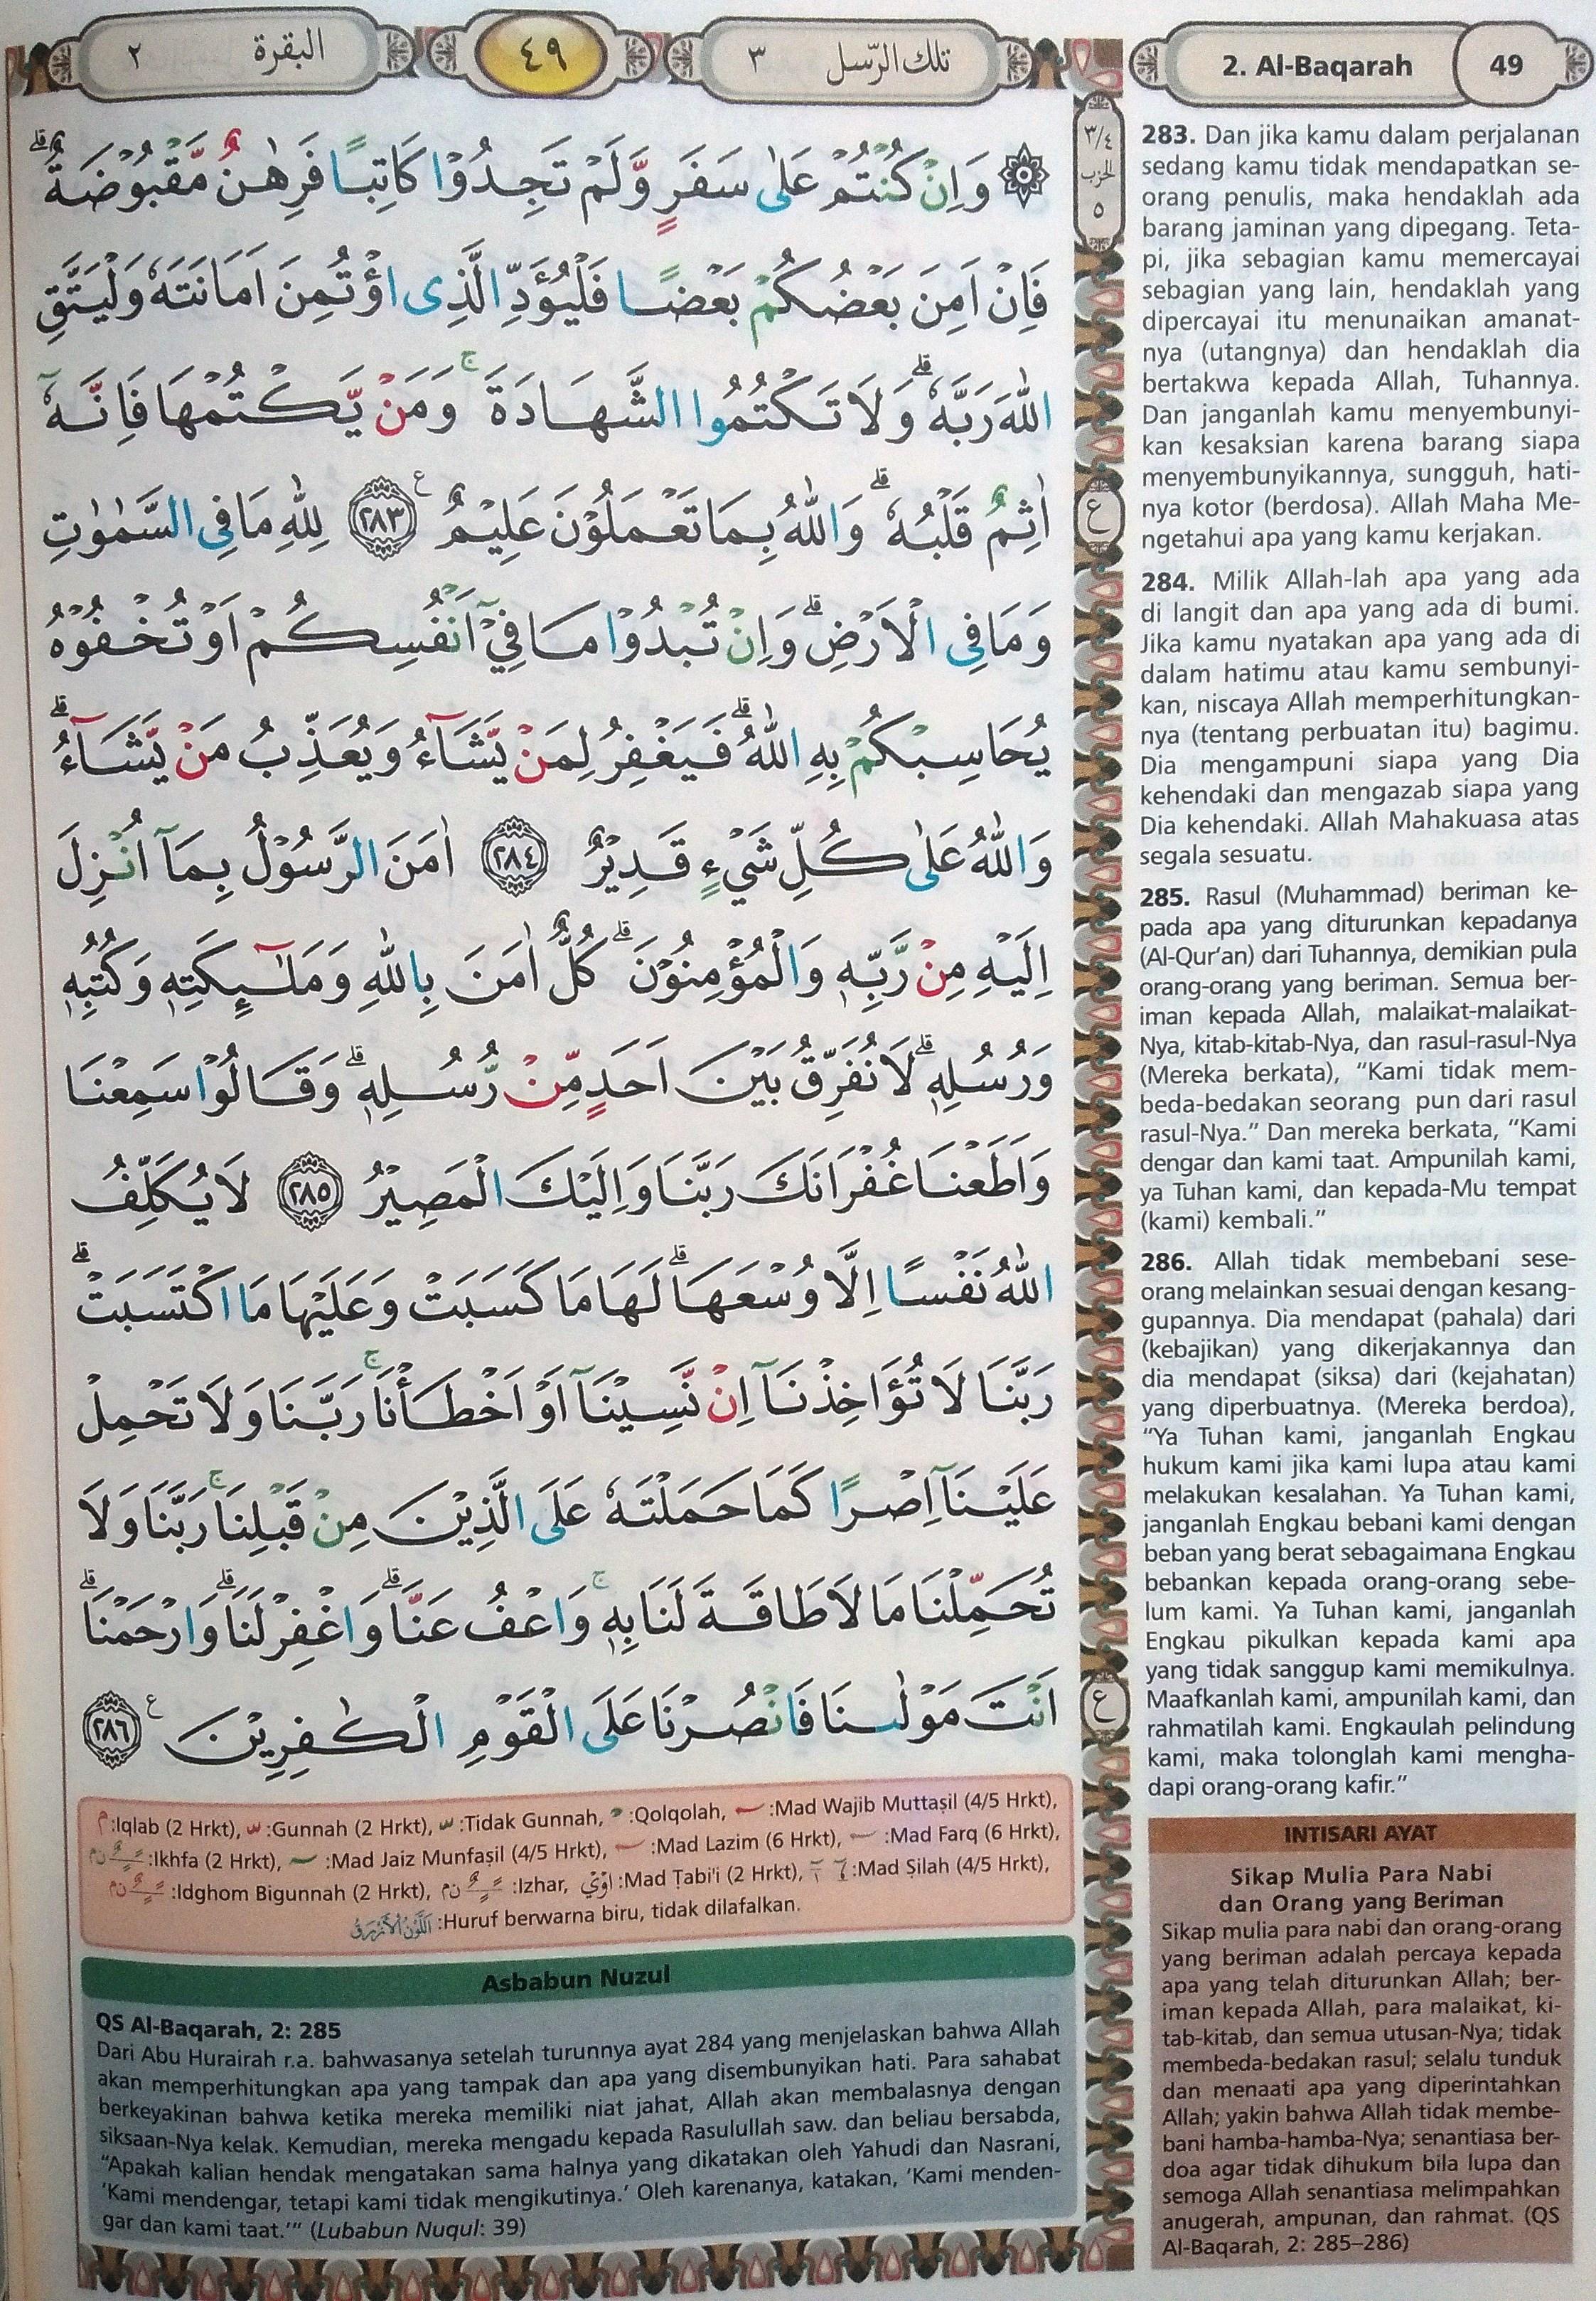 Al Baqarah 283-286